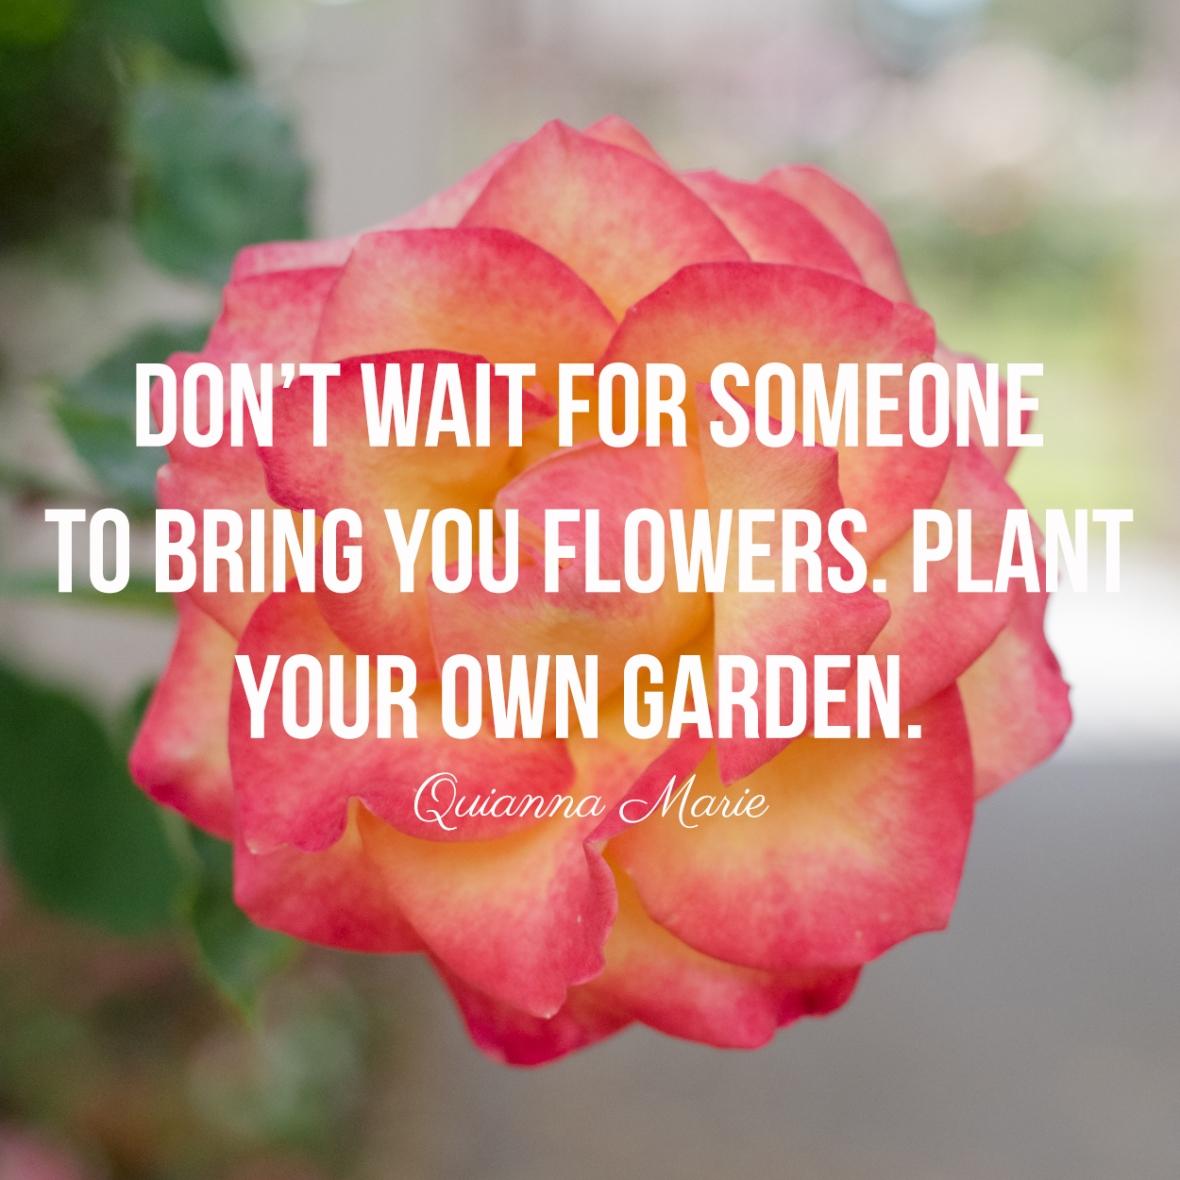 plant garden-8